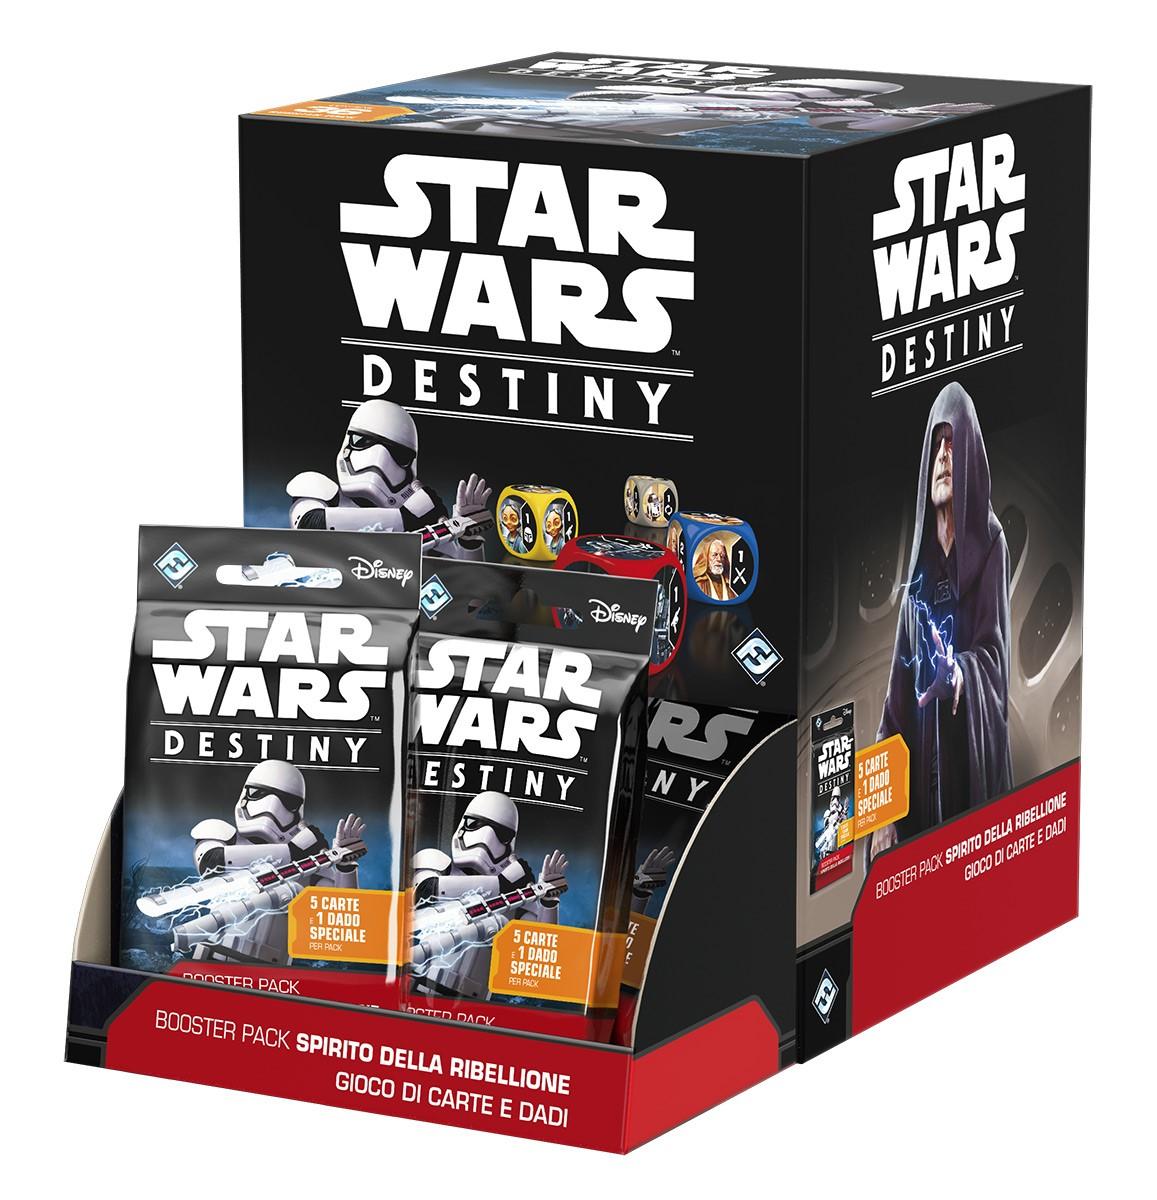 Star Wars. Destiny. Box 36 Booster Pack Spirito della Ribellione. Gioco da tavolo